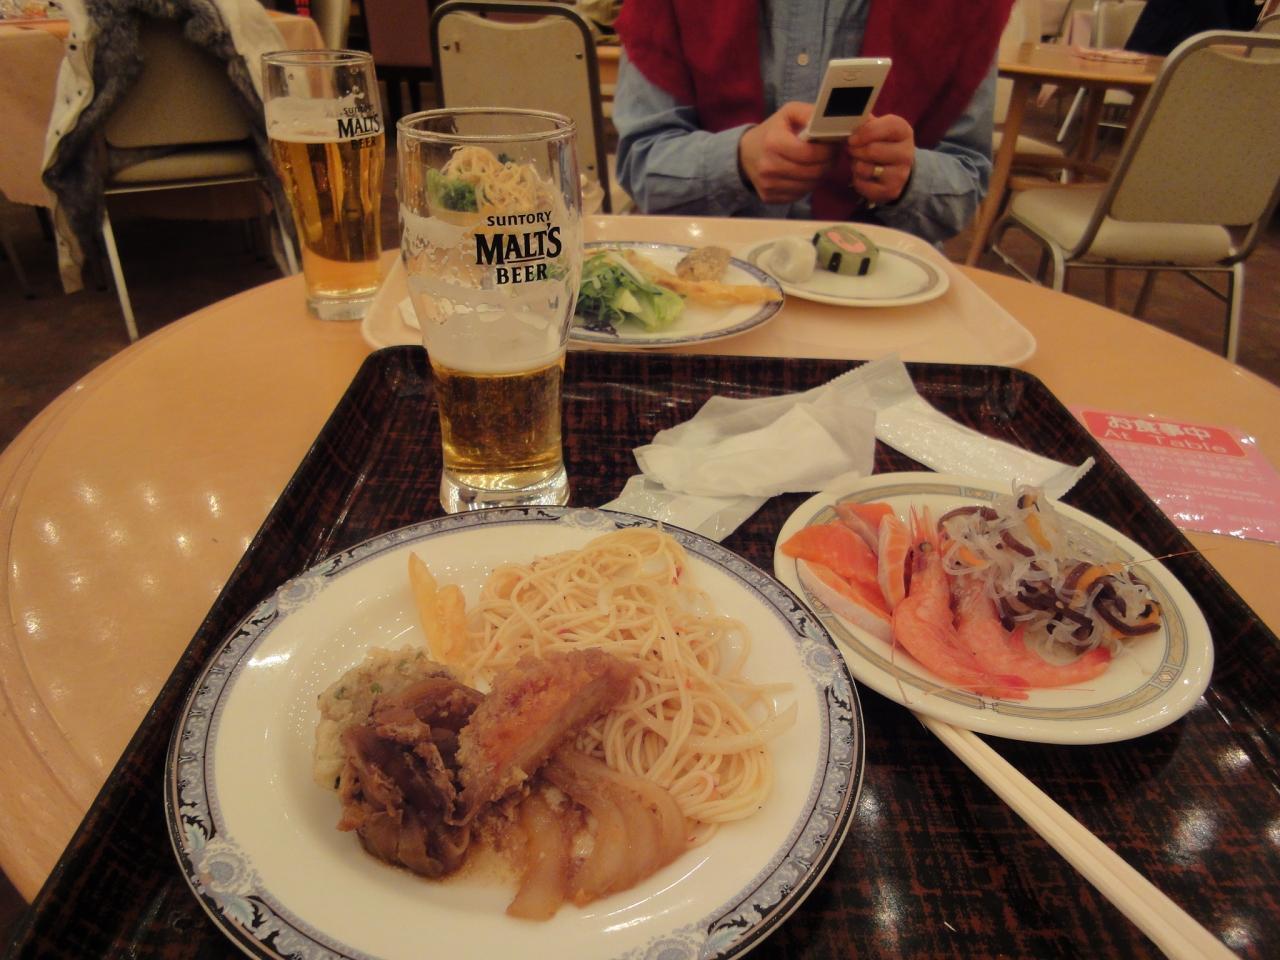 【口コミ】大江戸温泉物語 箕面観光ホテル ディナーバイキングで大満足! 大阪おでかけ《あそびめも》